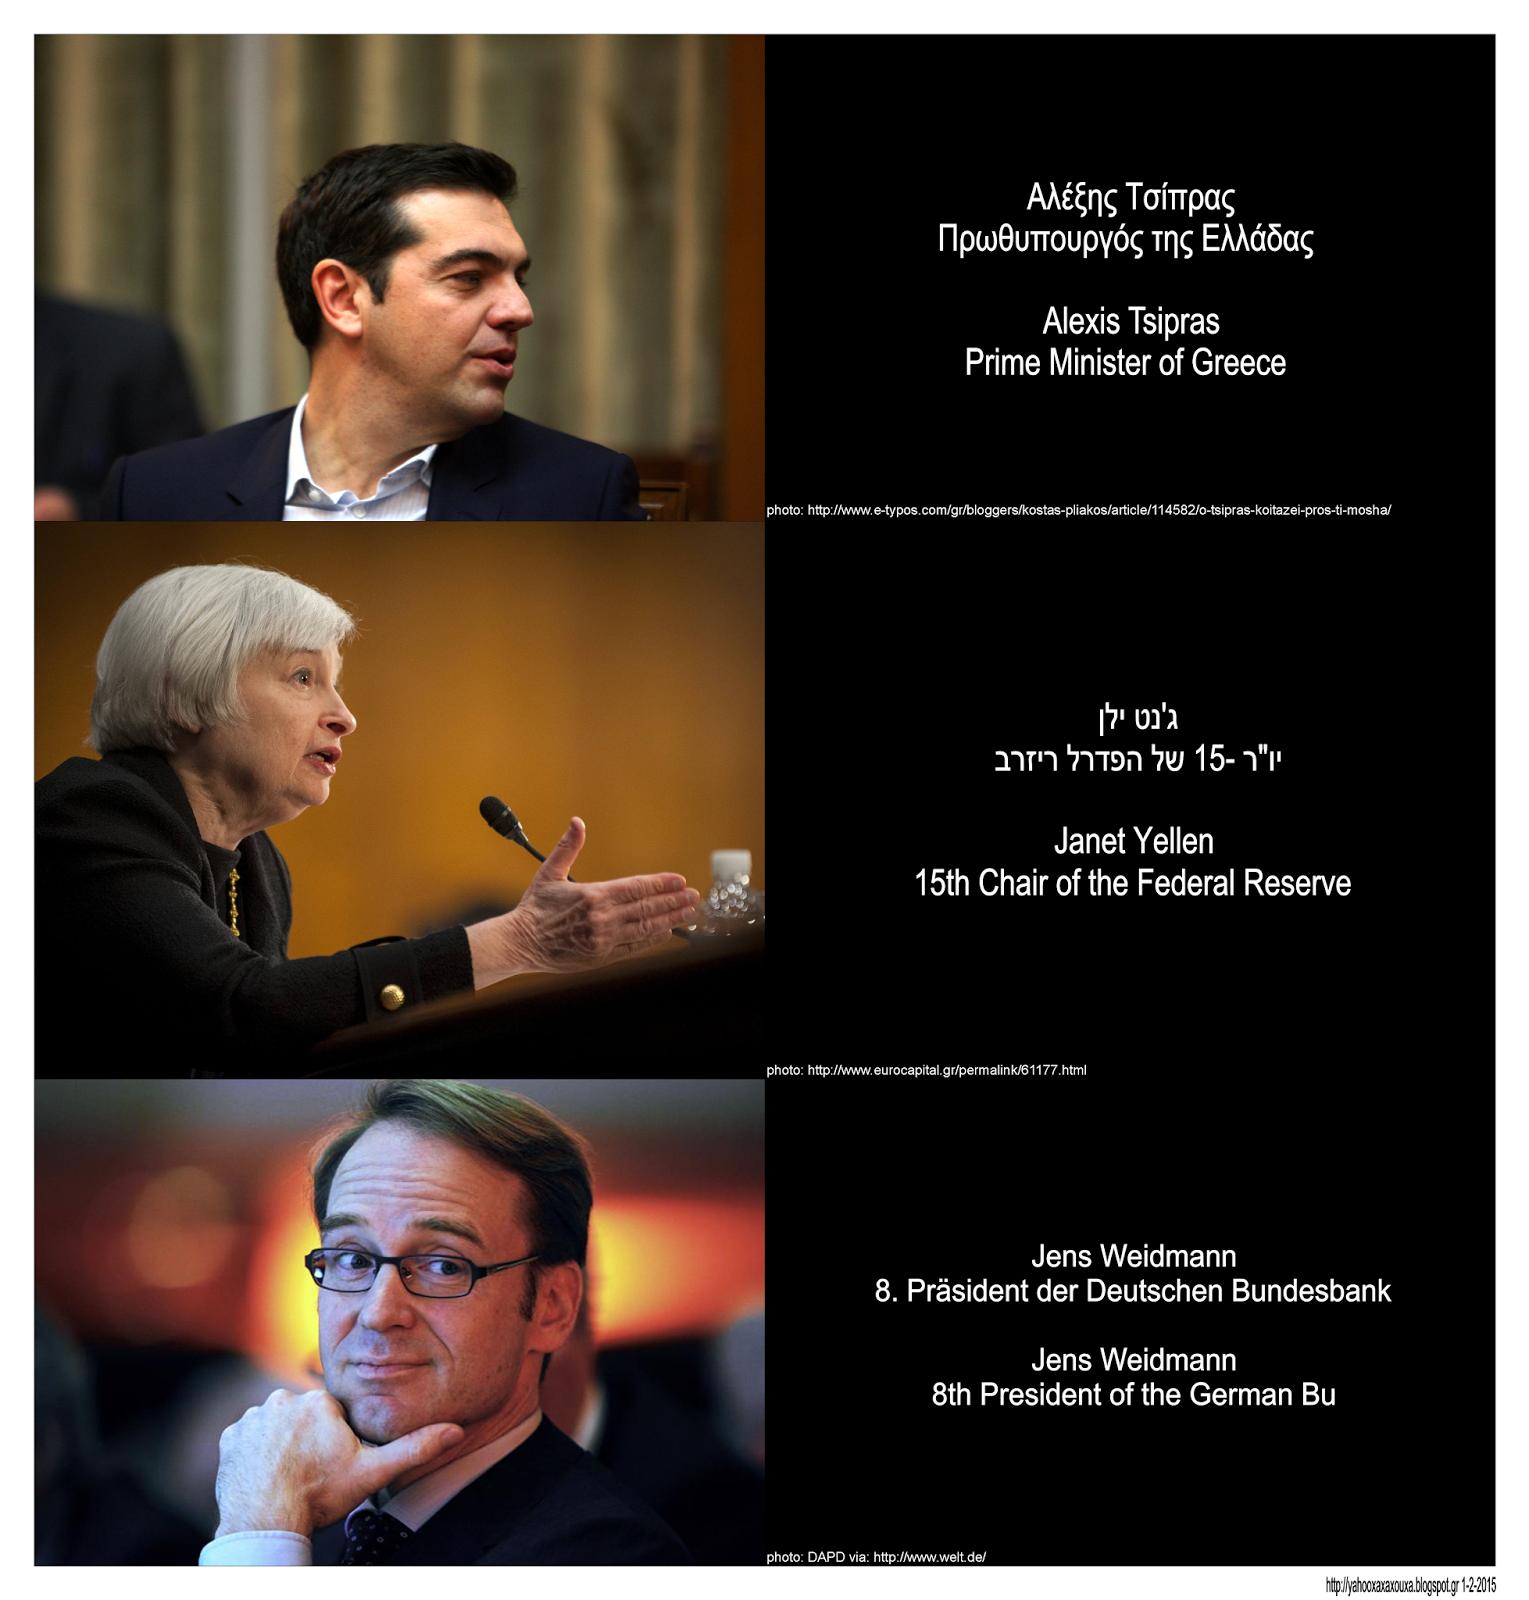 Alexis Tsipras - Janet Yellen - Jens Weidmann